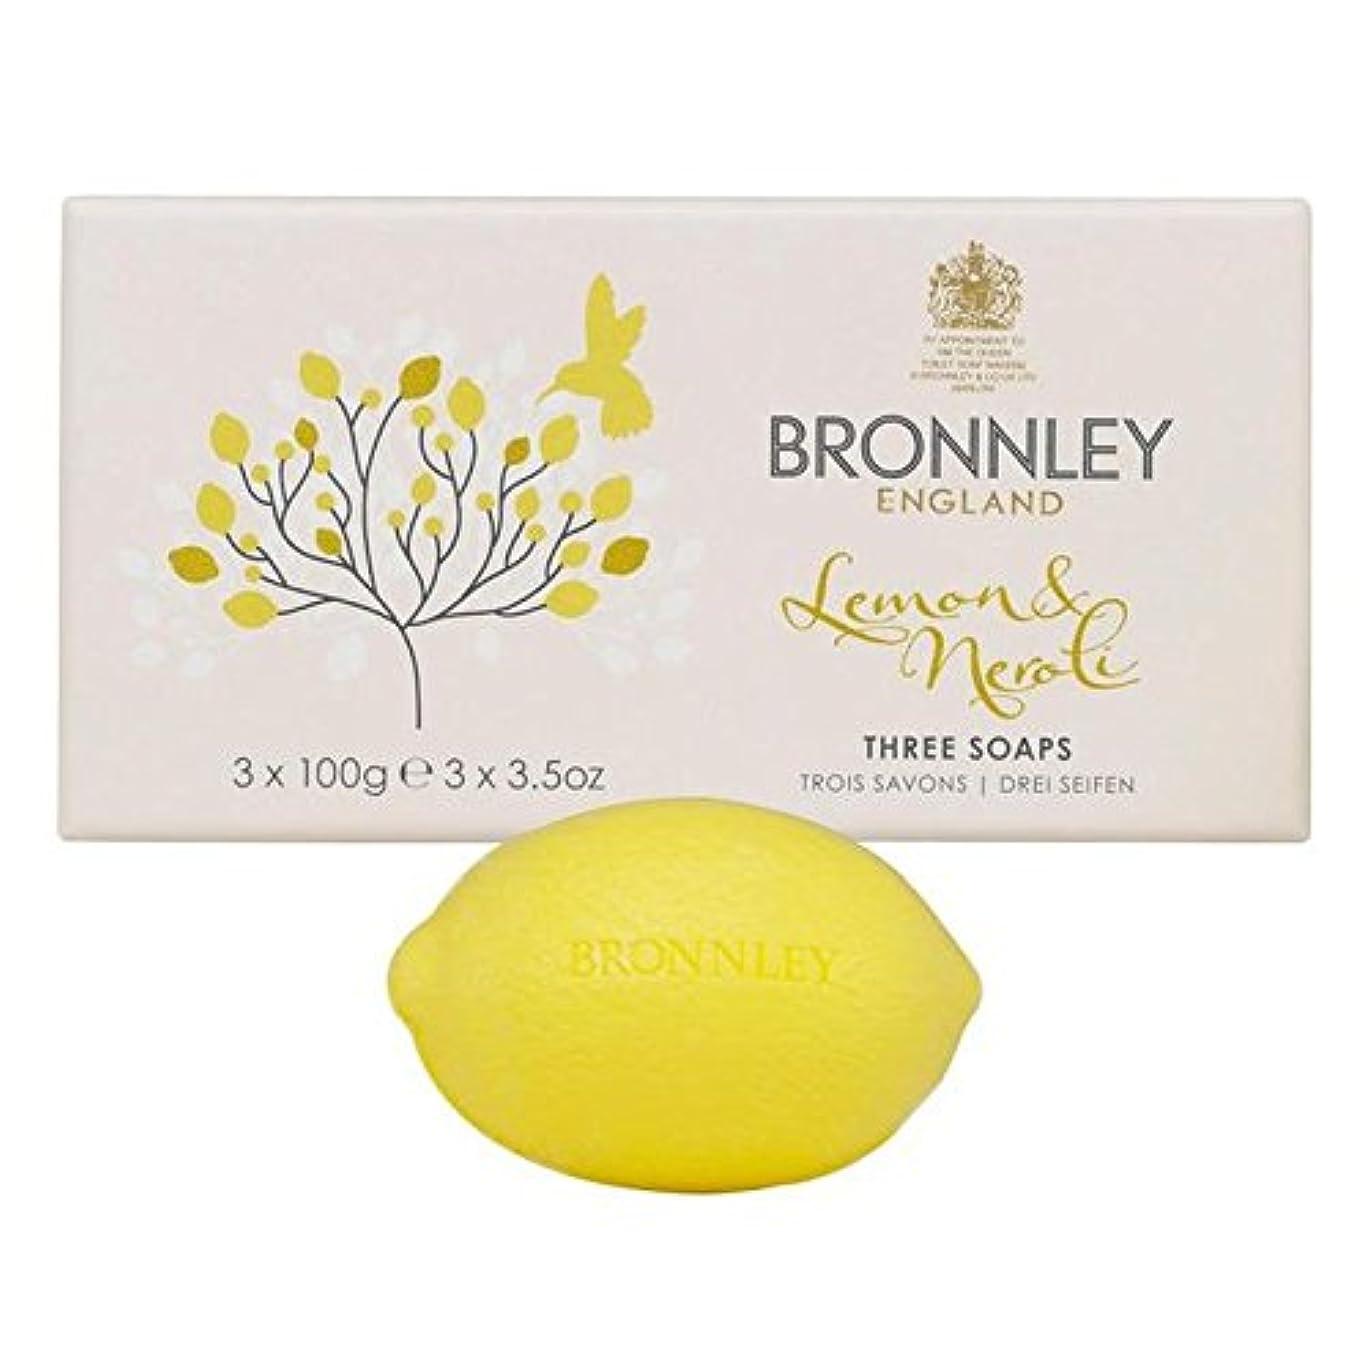 毎日ゆでる属性レモン&ネロリ石鹸3×100グラム x4 - Bronnley Lemon & Neroli Soaps 3 x 100g (Pack of 4) [並行輸入品]